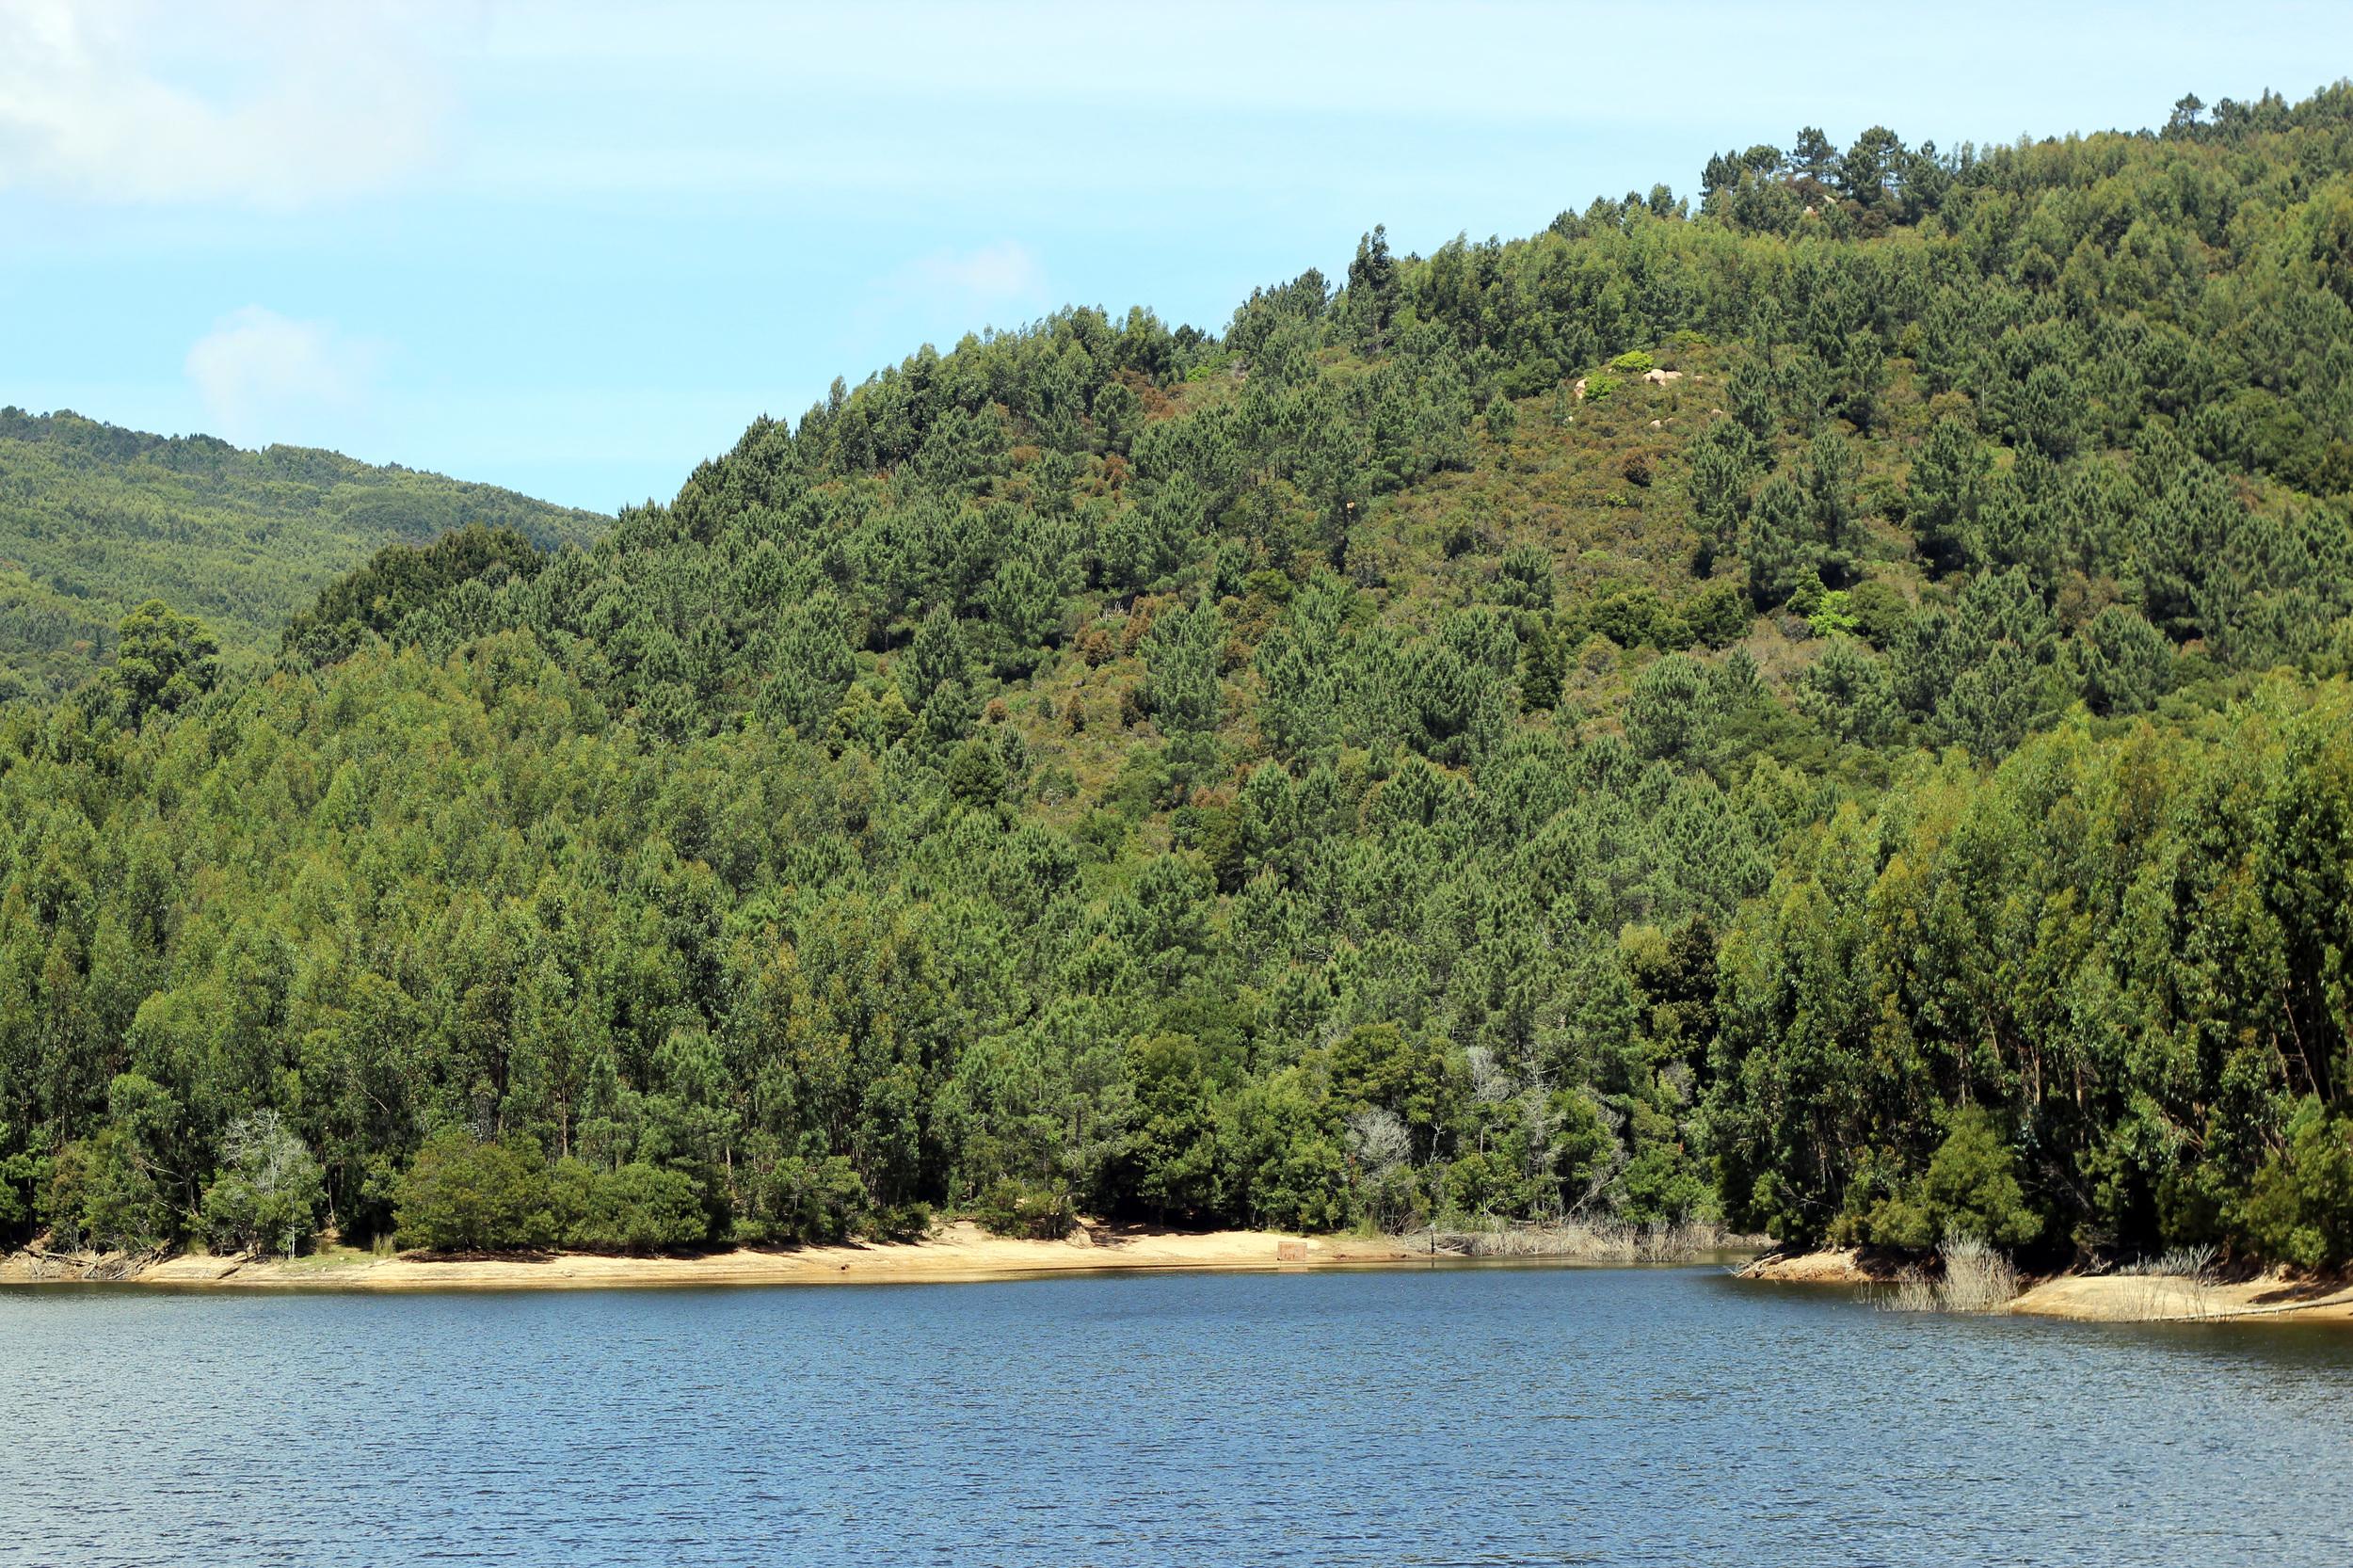 The lake at the bottom